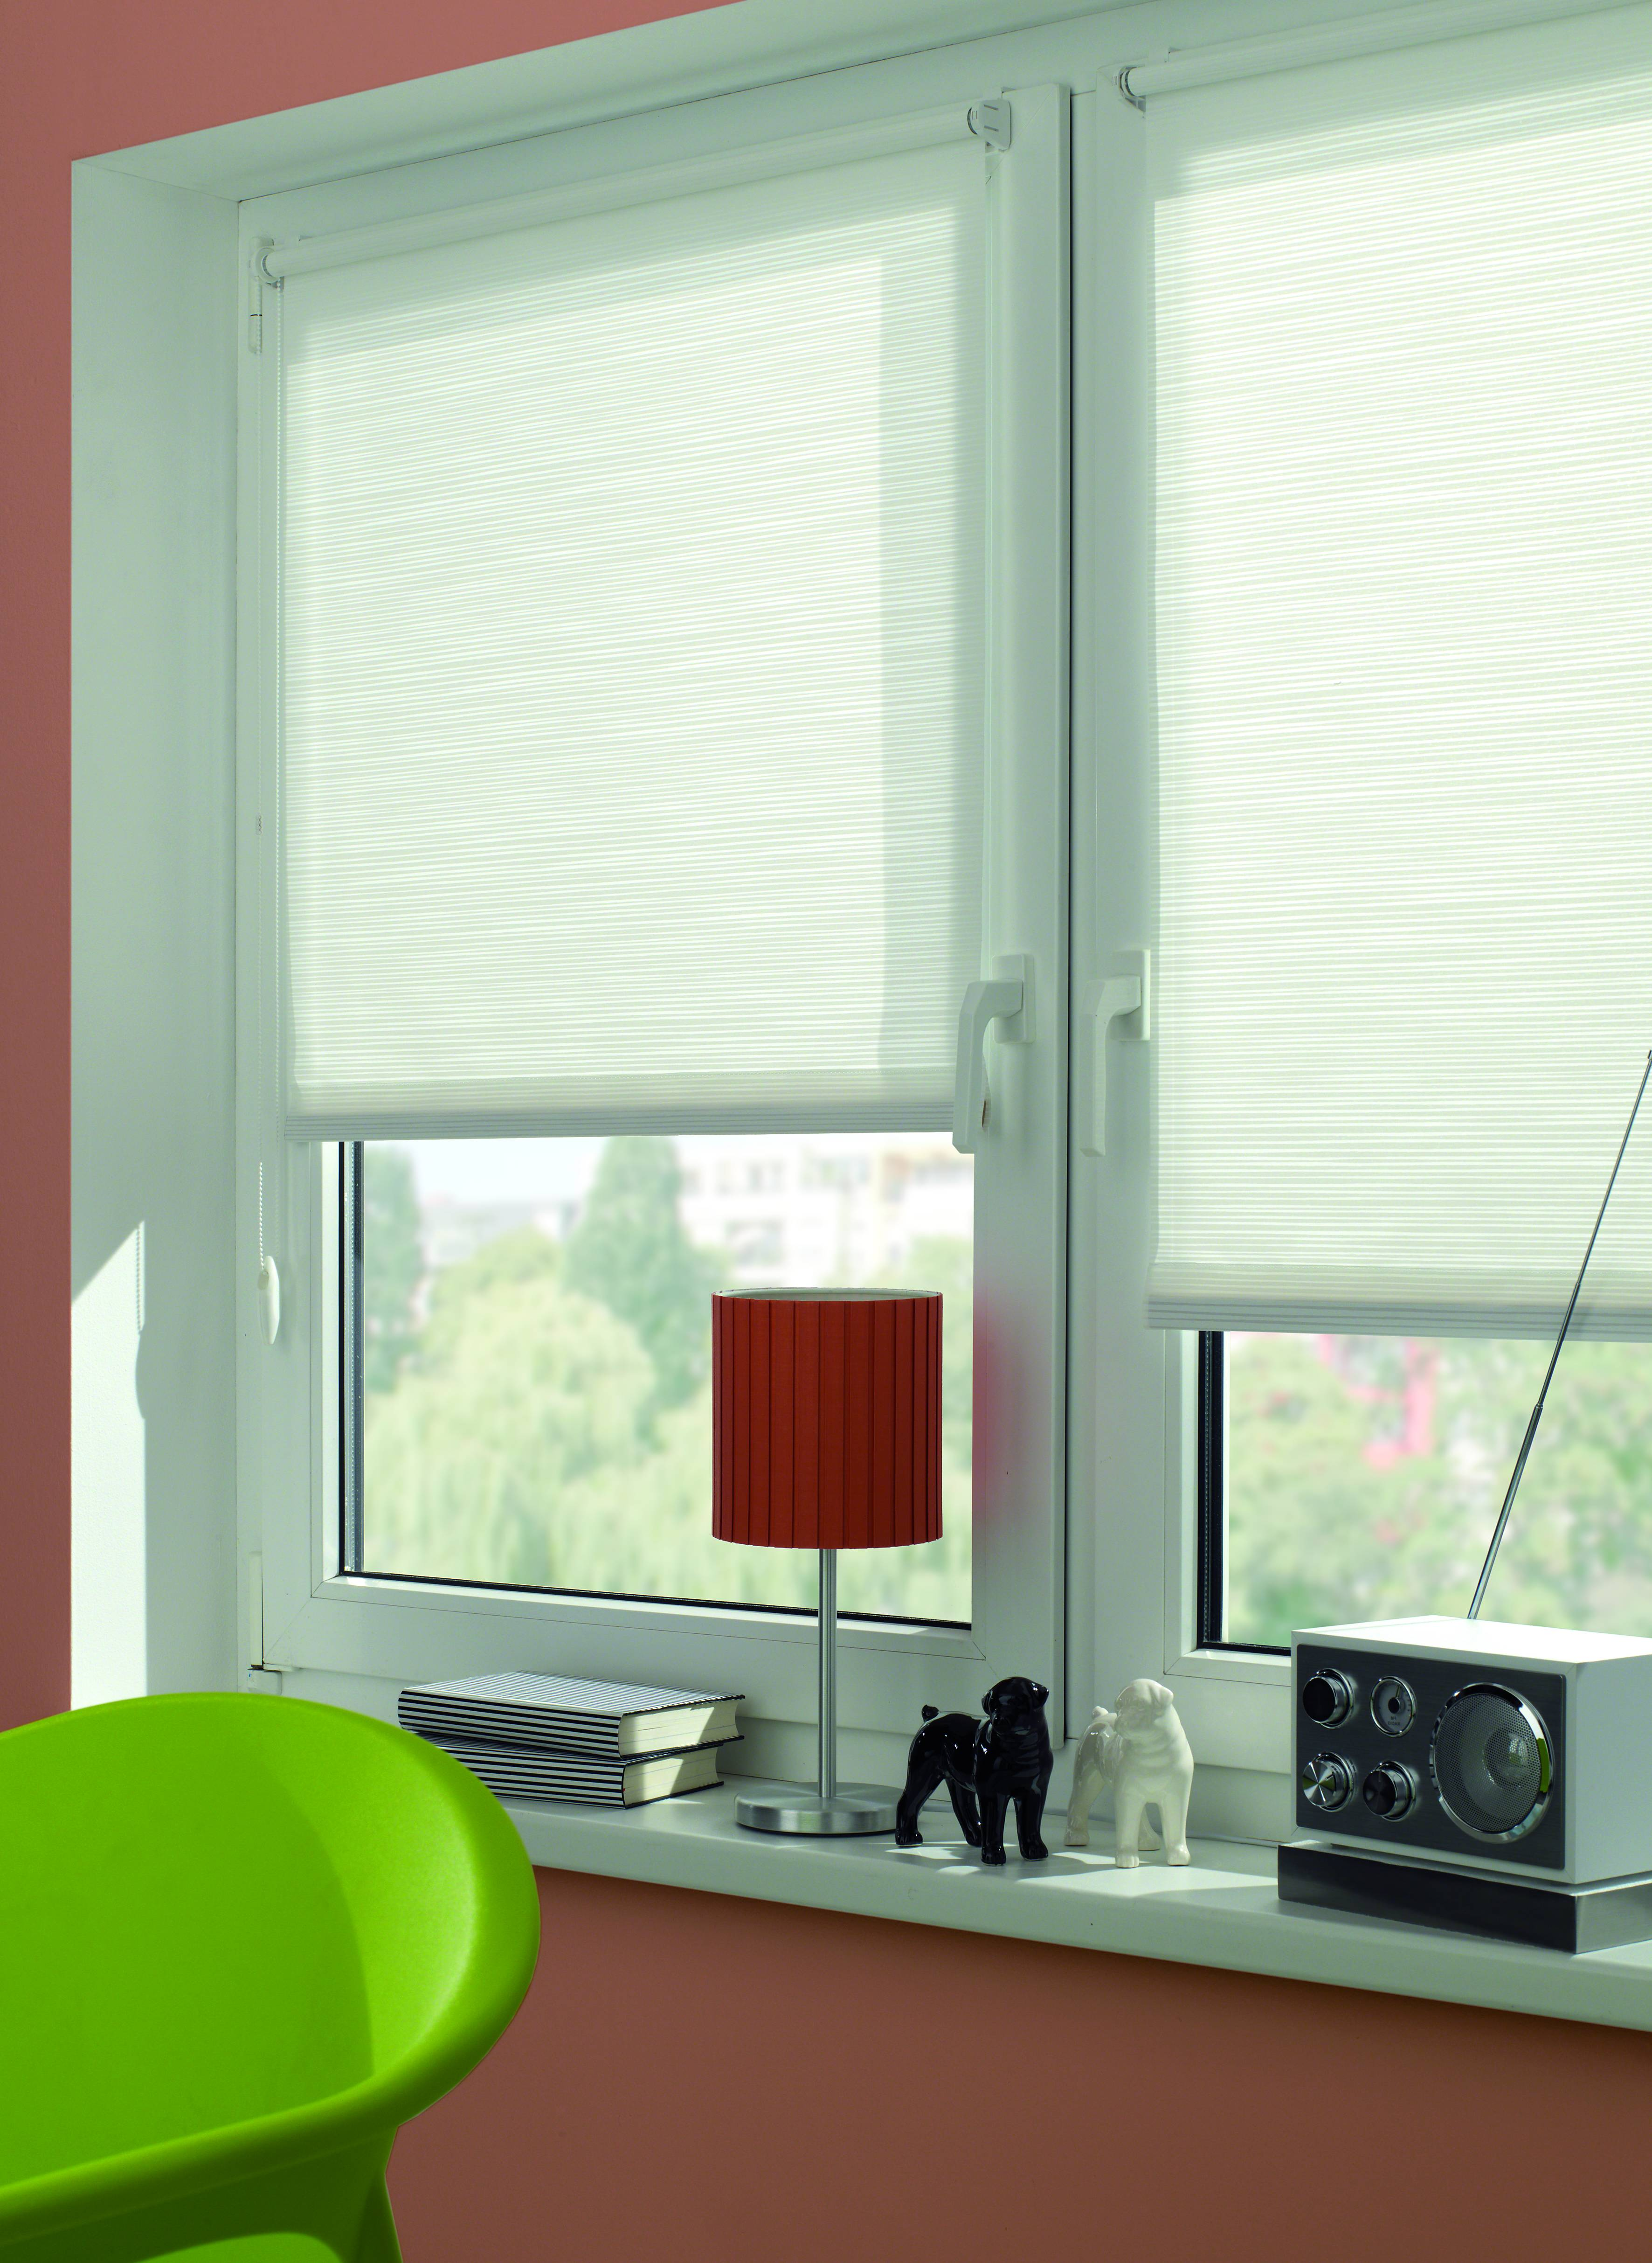 easyfix rollo streifen wei wei 120 x 150 cm 33028. Black Bedroom Furniture Sets. Home Design Ideas